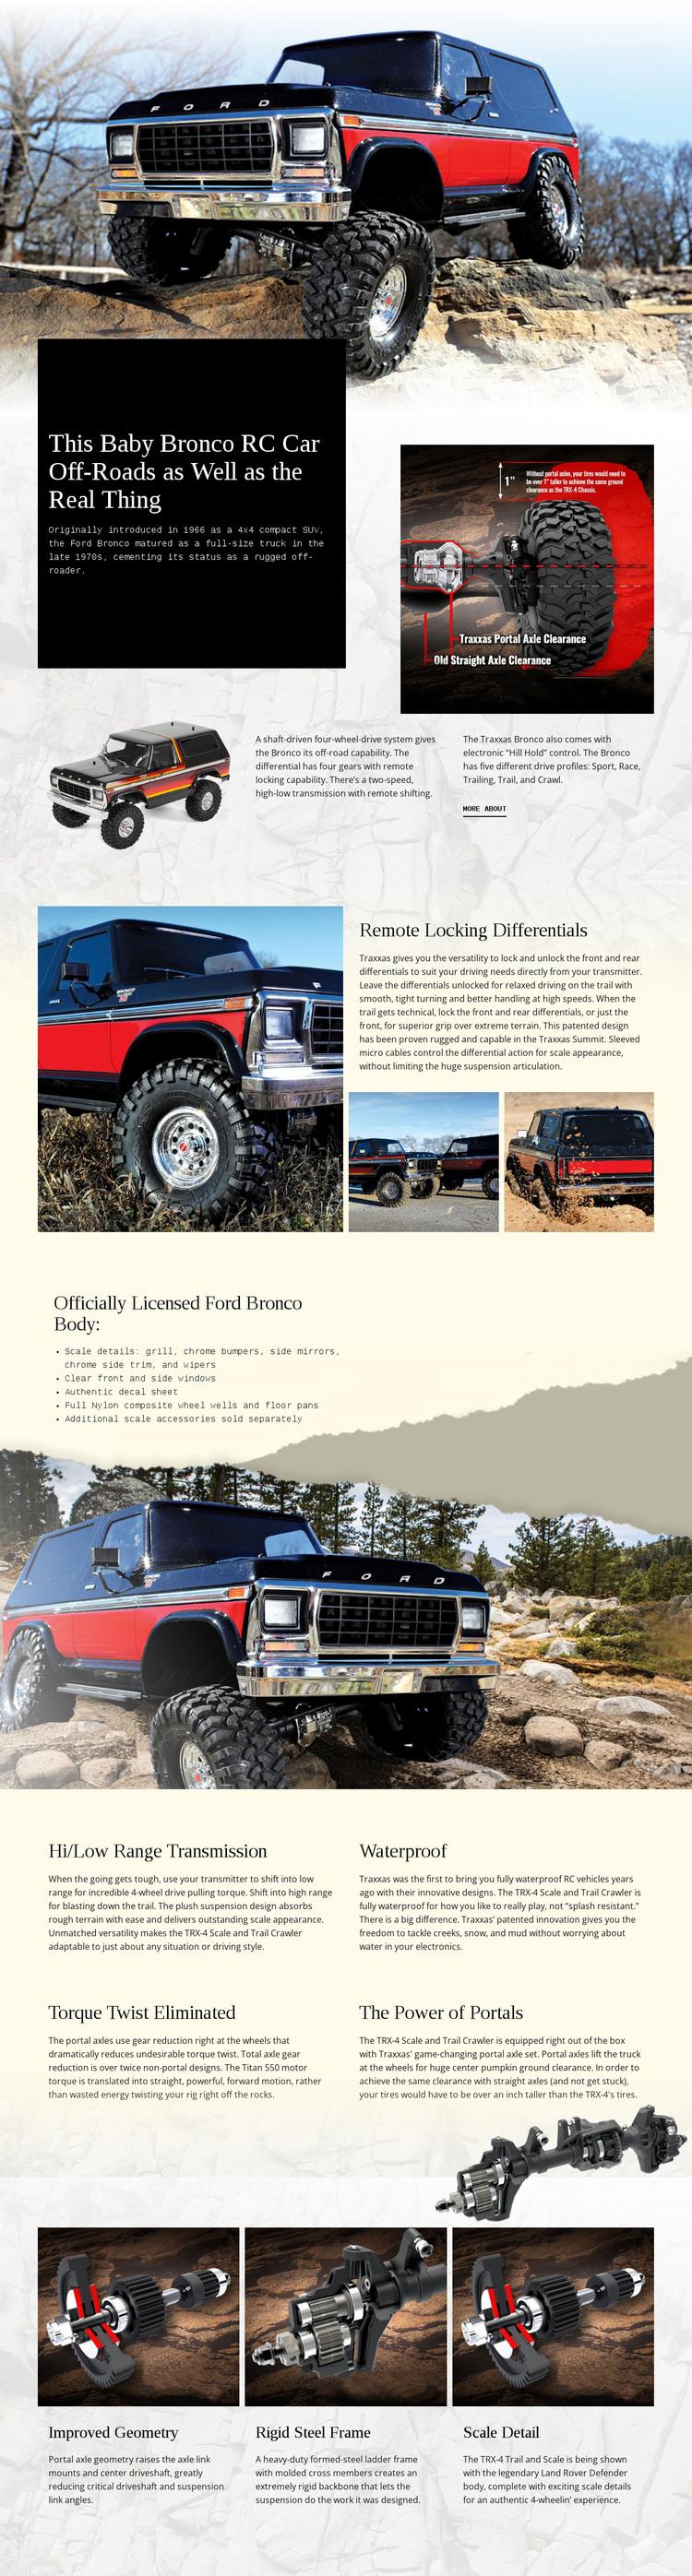 Bronco Rc Car WordPress Theme